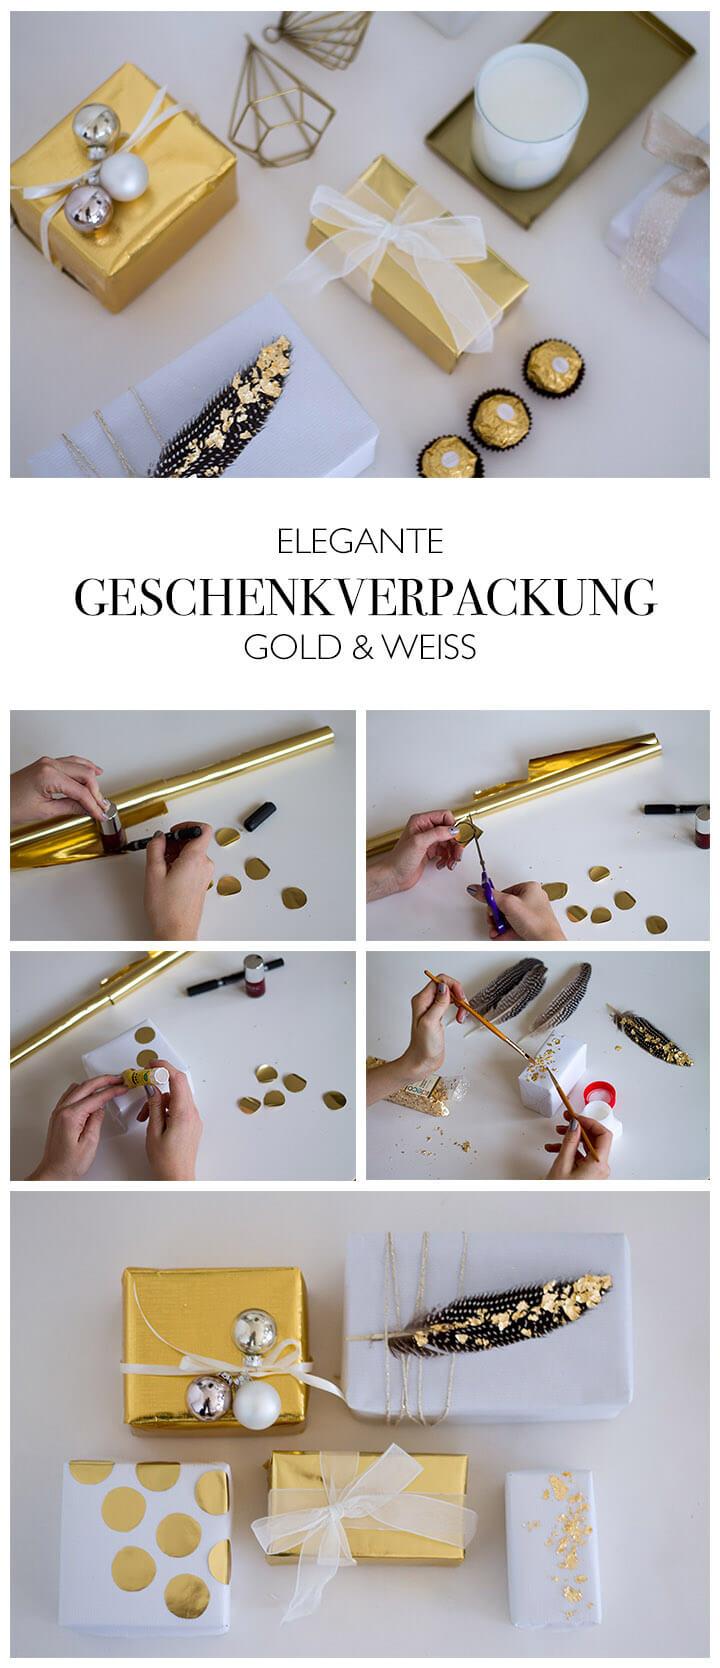 DIY Geschenkverpackung gold weiß - elegante Kombination für Weihnachten DIY Anleitung für ein paar schöne Accessoires und Hingucker